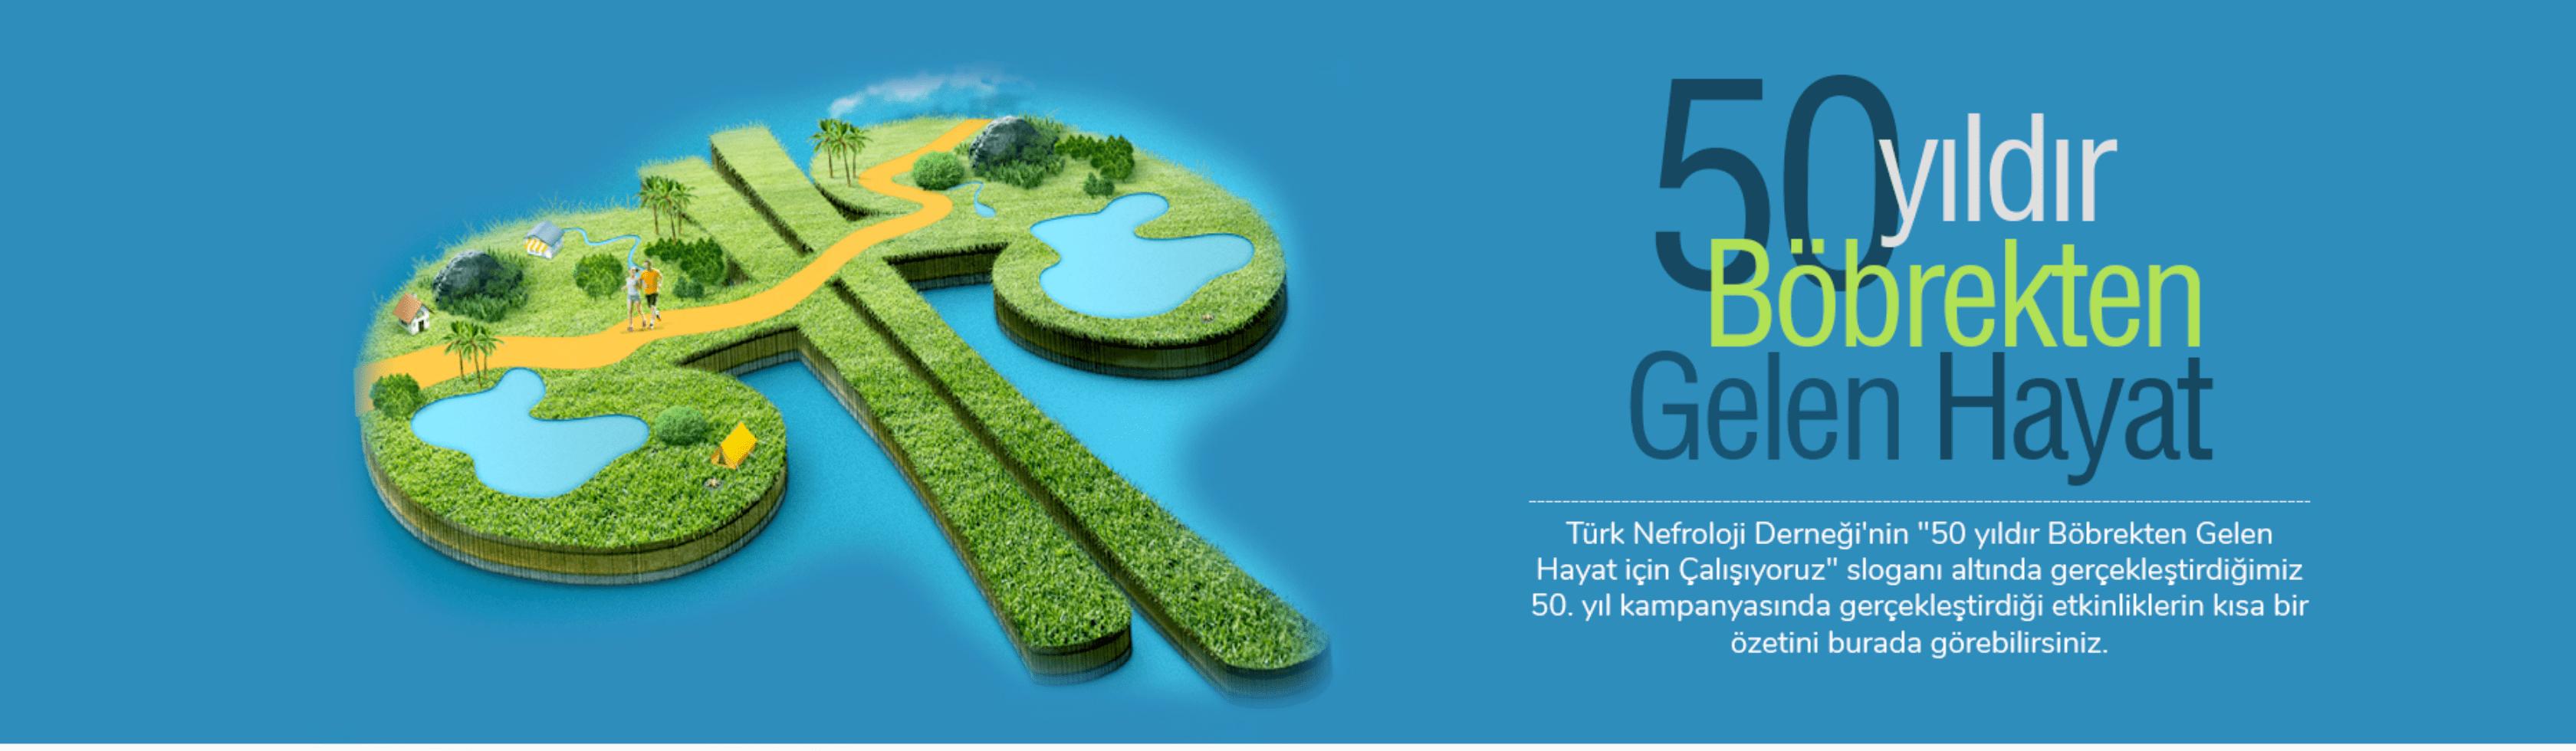 Türk Nefroloji Derneği Slide: Deneme Slider 2